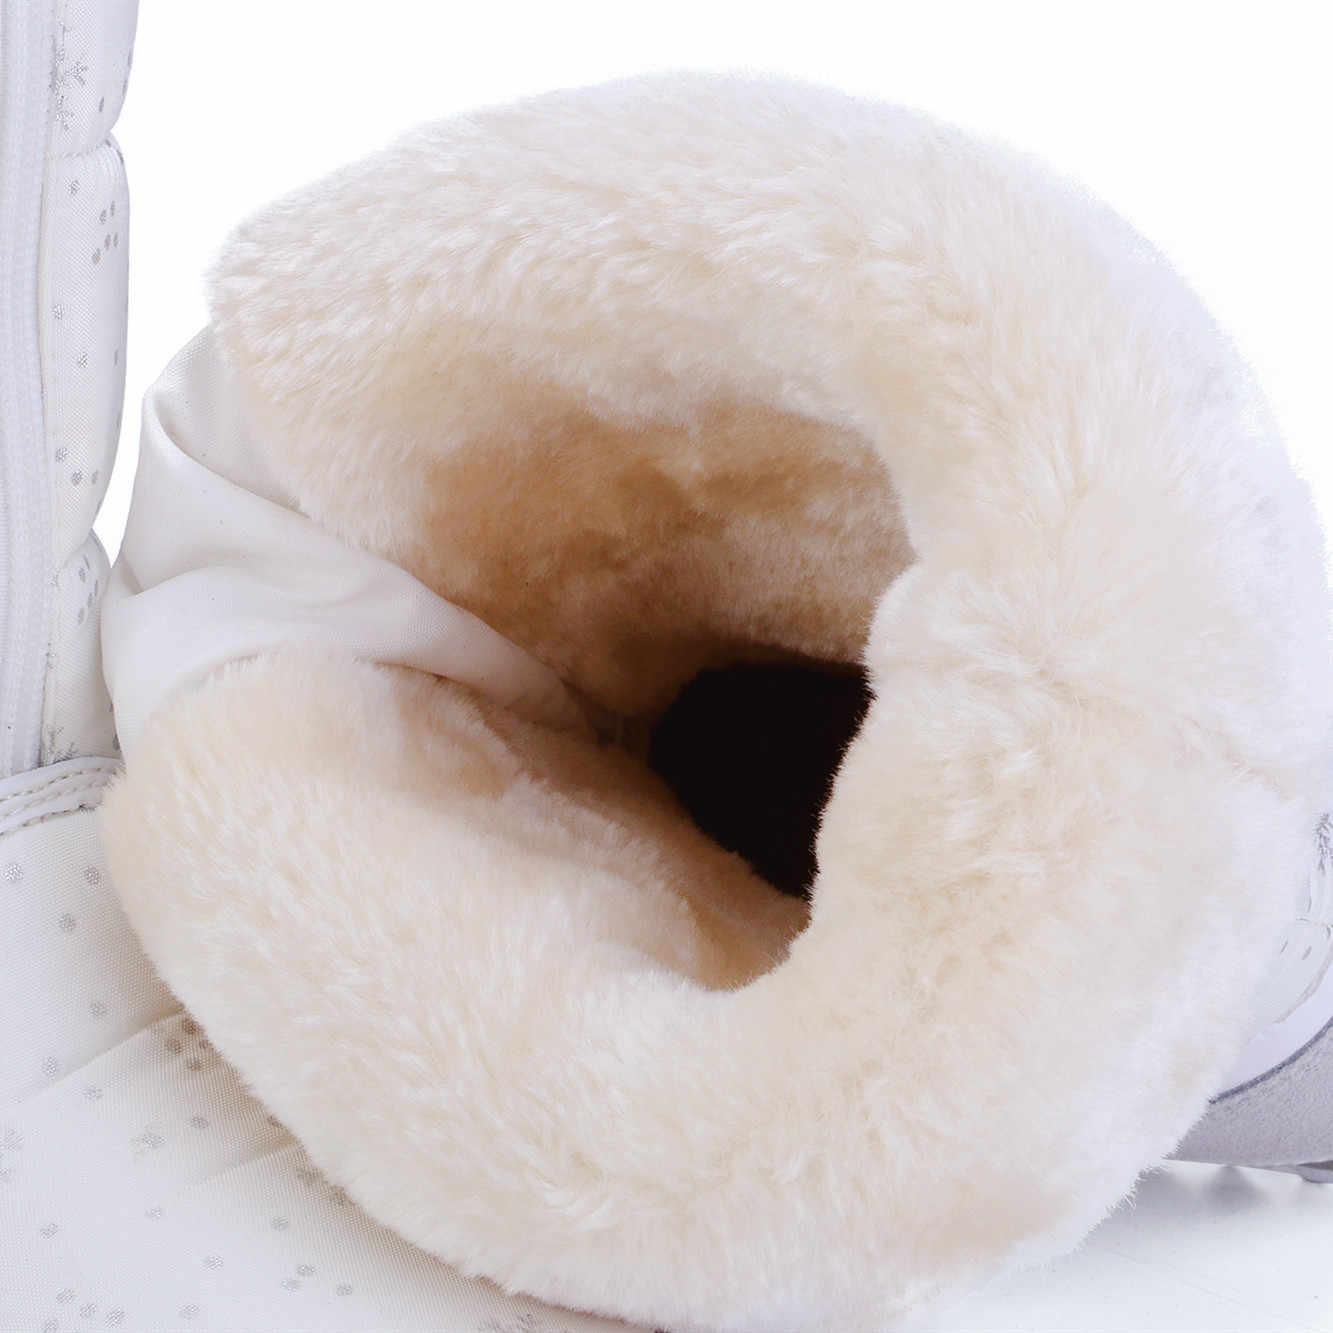 2019 Kışlık botlar Yüksek Kadın Kar Botları peluş sıcak ayakkabı Artı boyutu 35 büyük 42 kolay aşınma kız beyaz zip ayakkabı kadın sıcak botlar